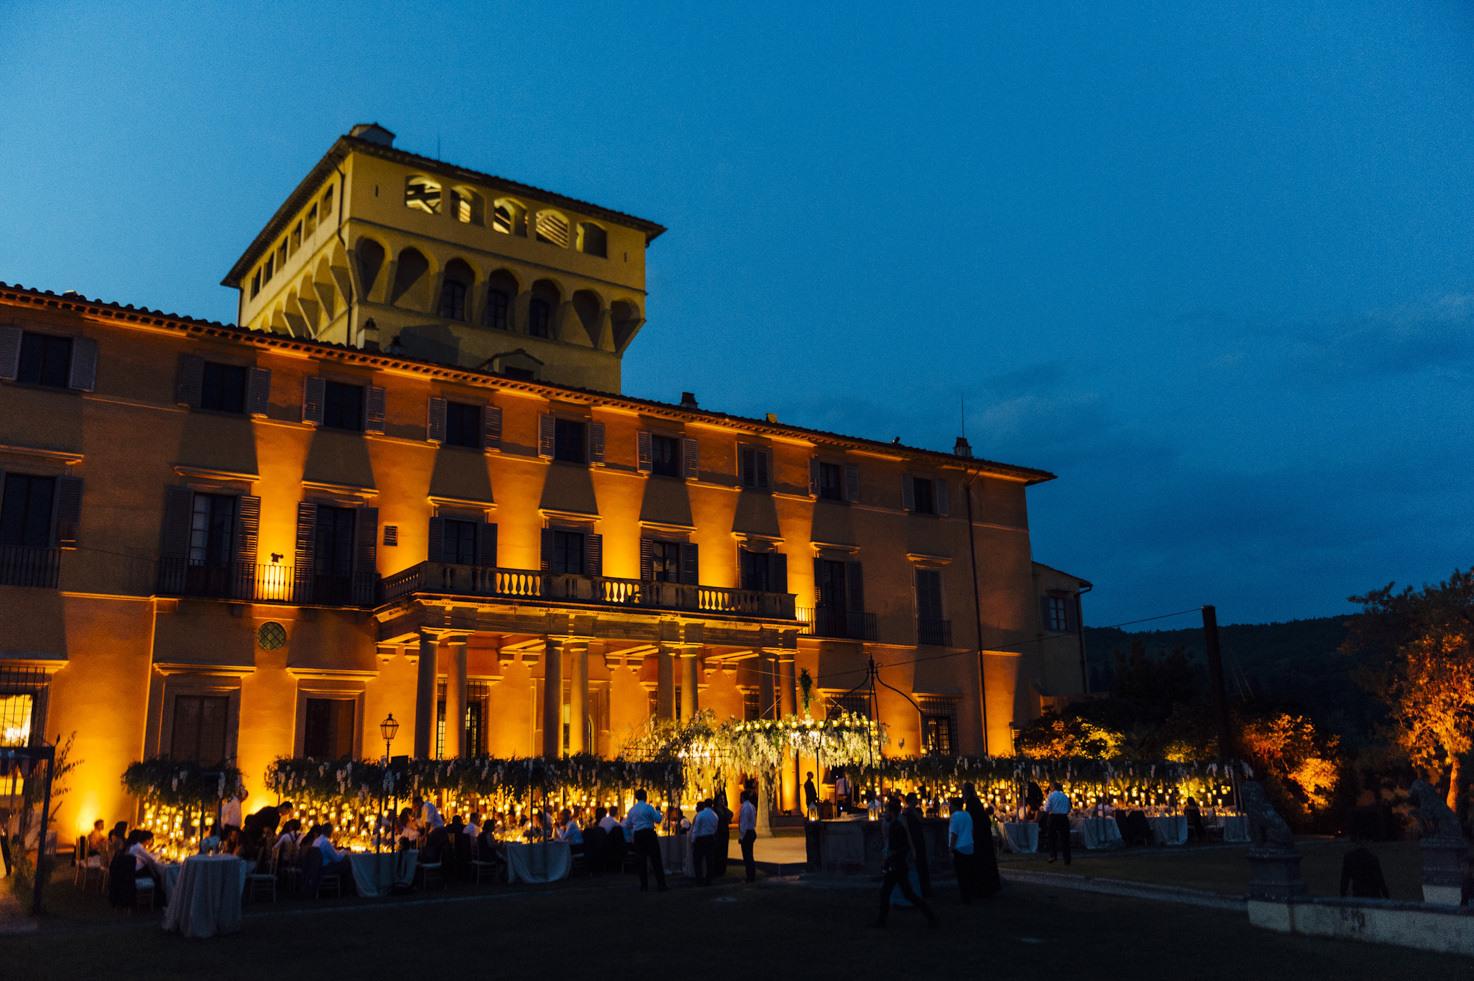 Façade of Villa di Maiano at night